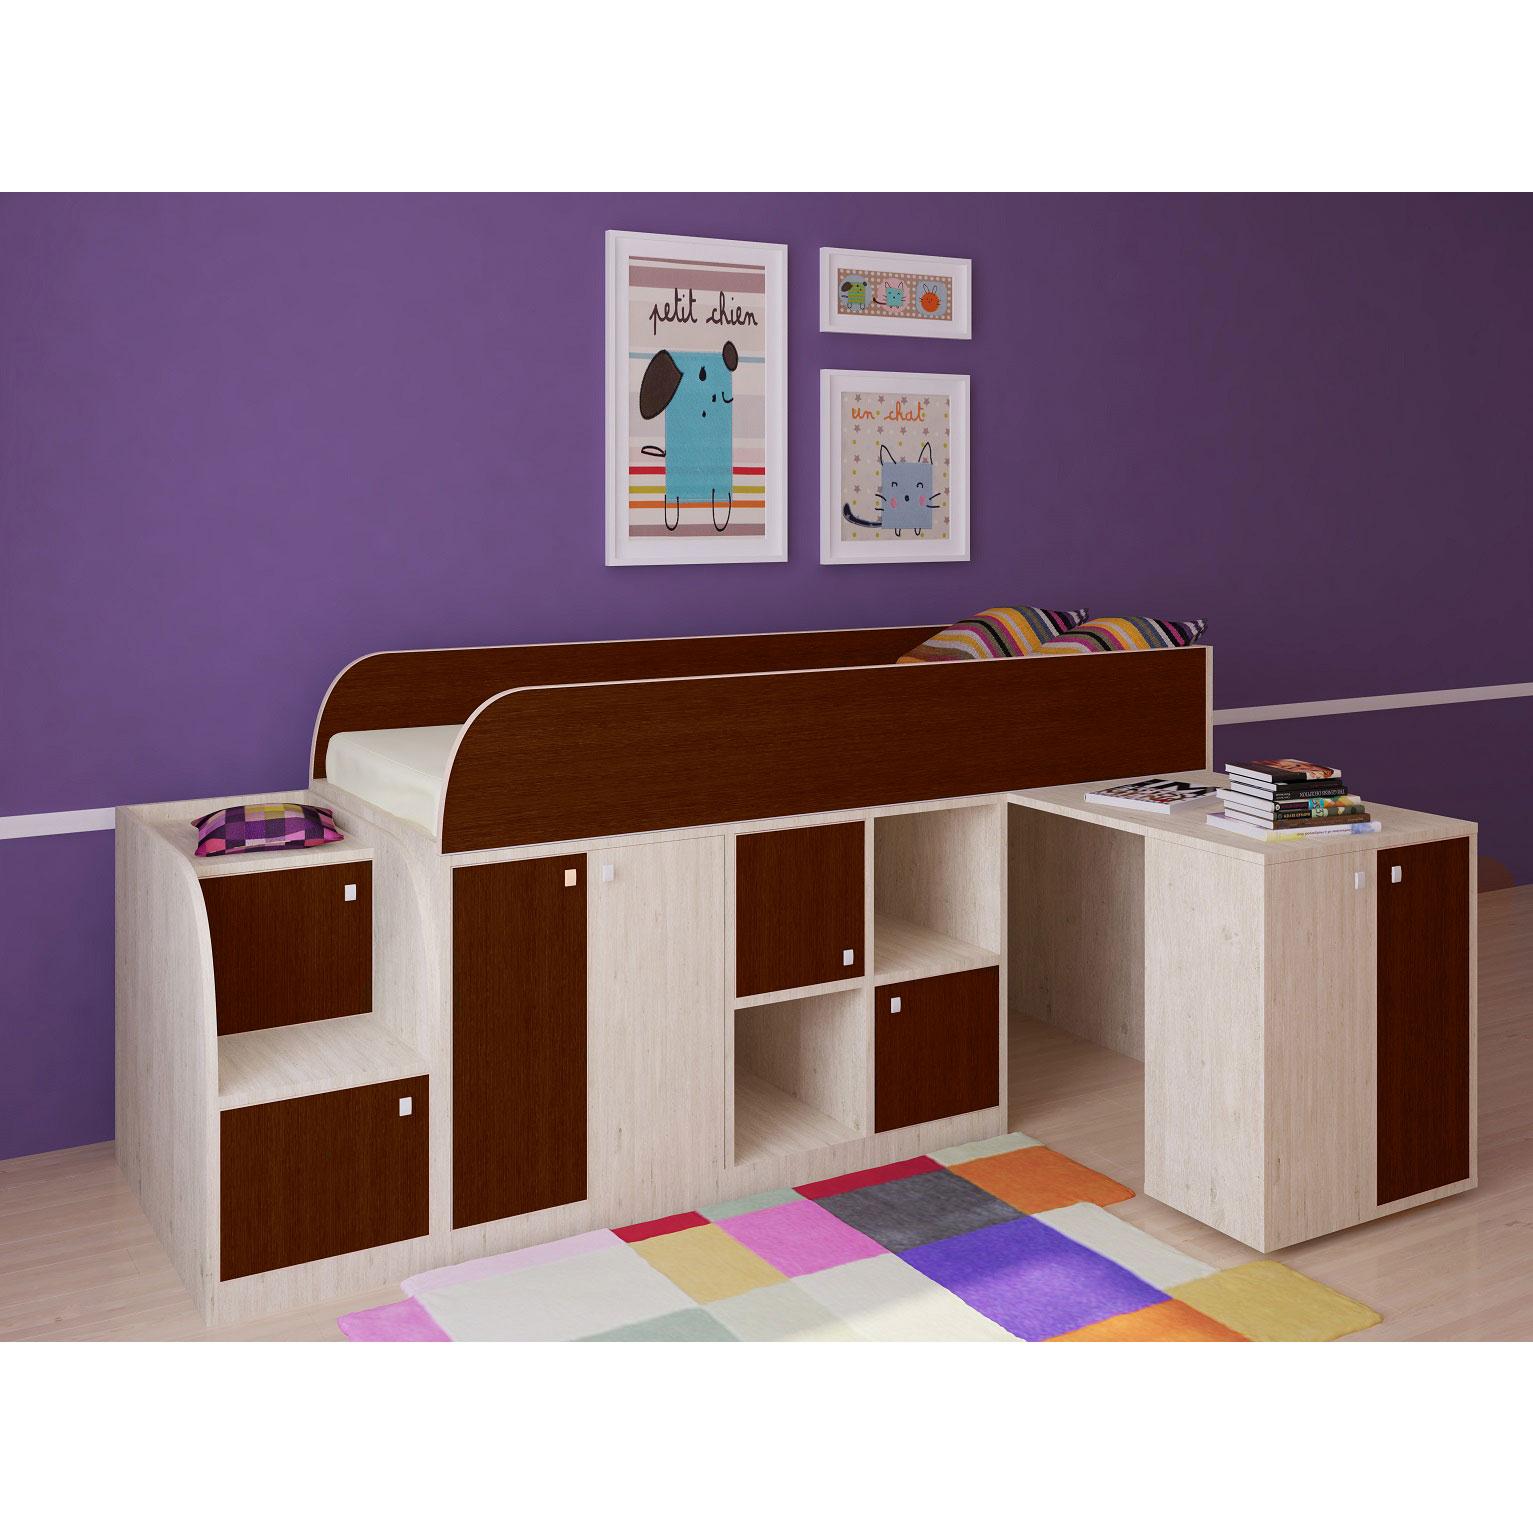 Набор мебели РВ-Мебель Астра мини Дуб молочный/Орех<br>